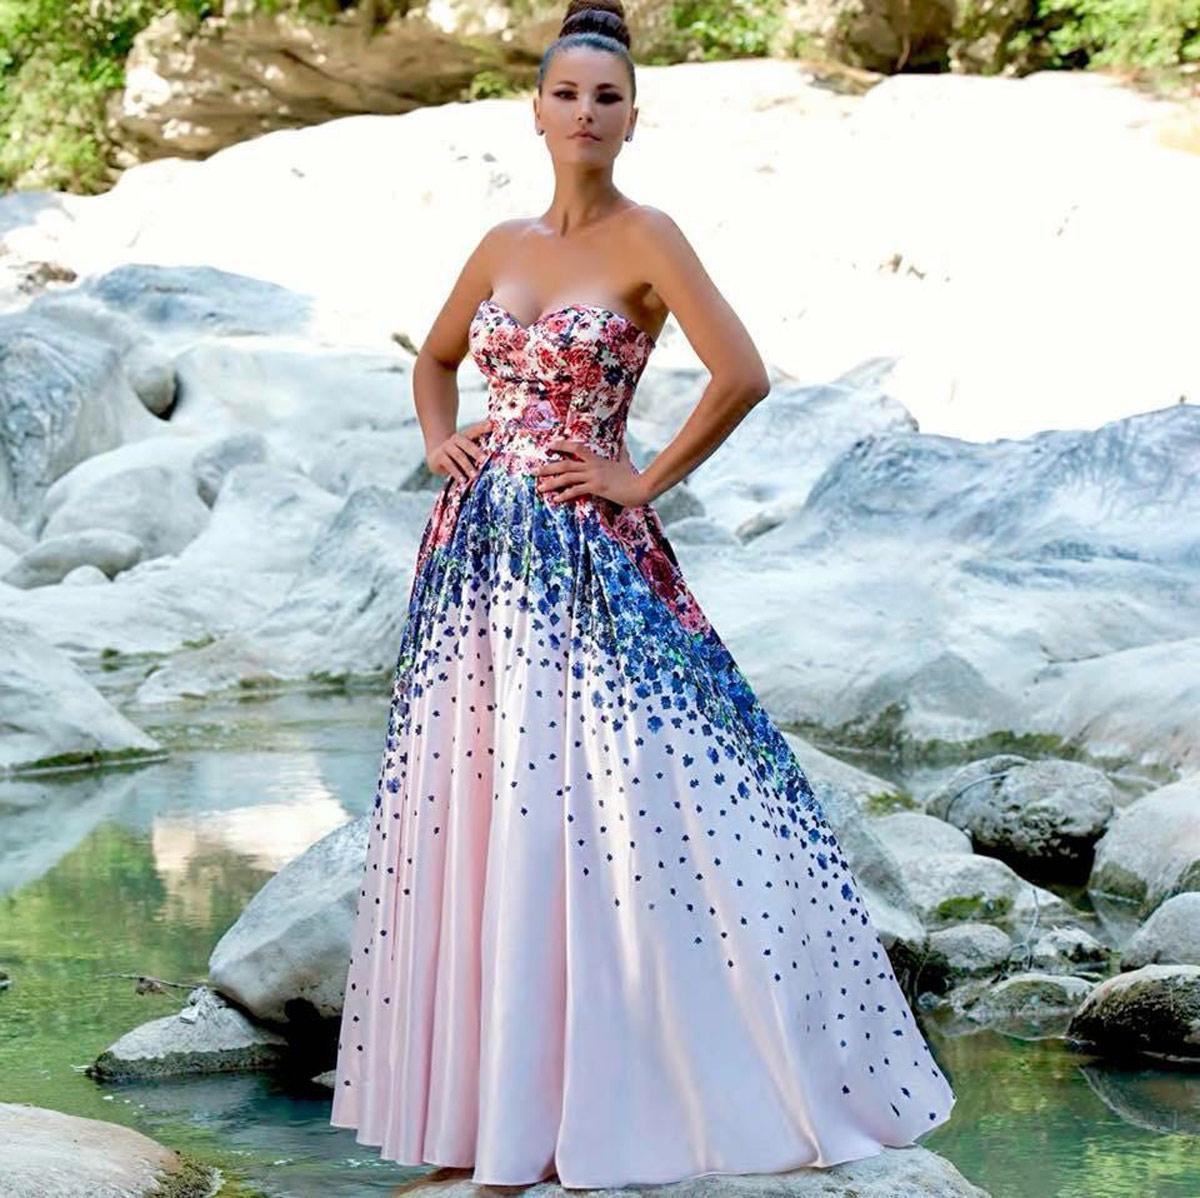 e683988bd599 Sweetheart neckline dress - ANTONIO NOTARO - Intrighi Griffe